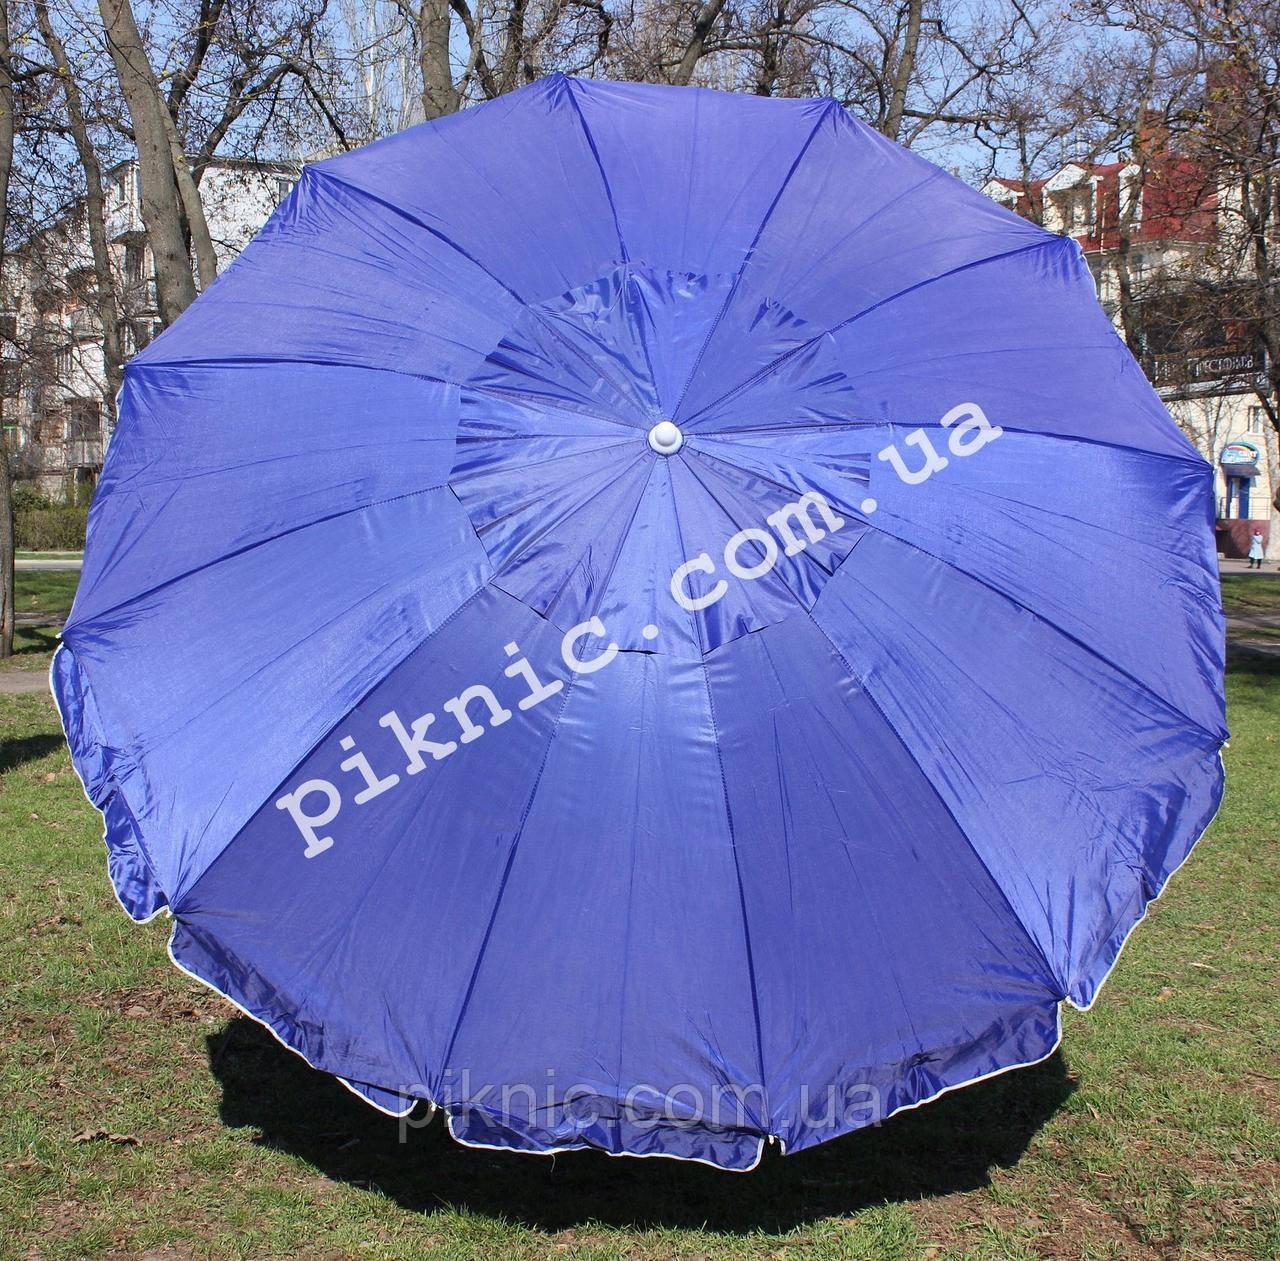 Зонт торговый 2,8м с клапаном 12 спиц круглый. Усиленный для уличной торговли, садовый Синий 351